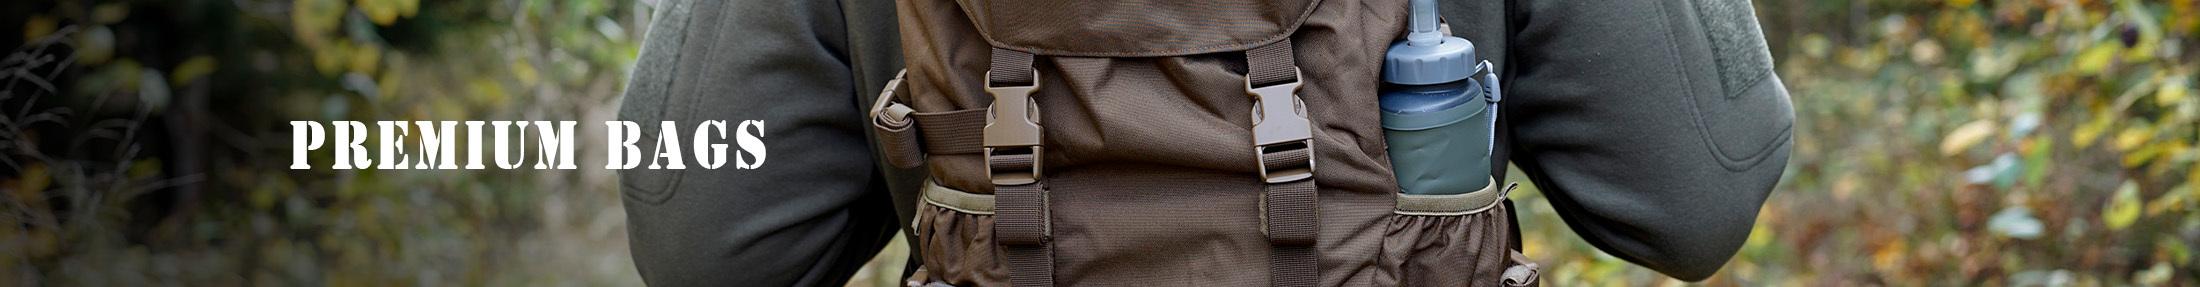 TF2215 Premium Bags